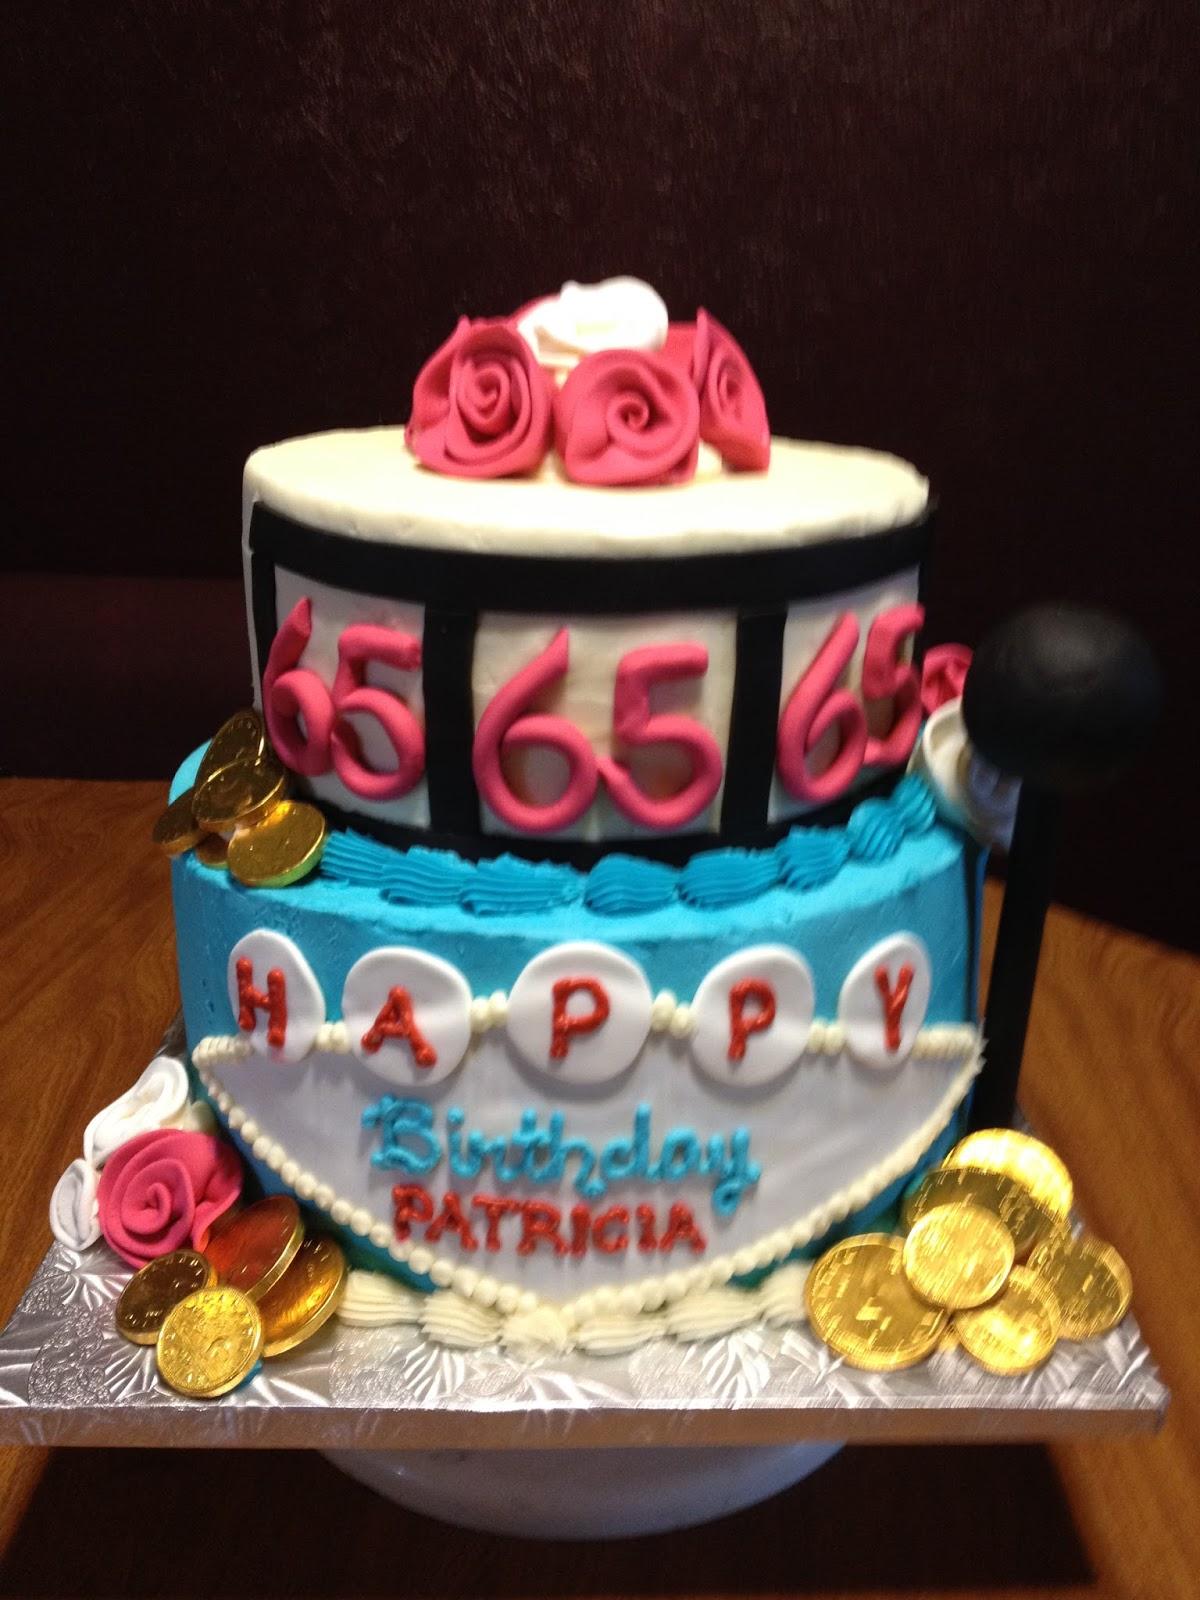 Blue Fairy Cakes Las Vegas 65th Slot Mahcine Birthday Cake